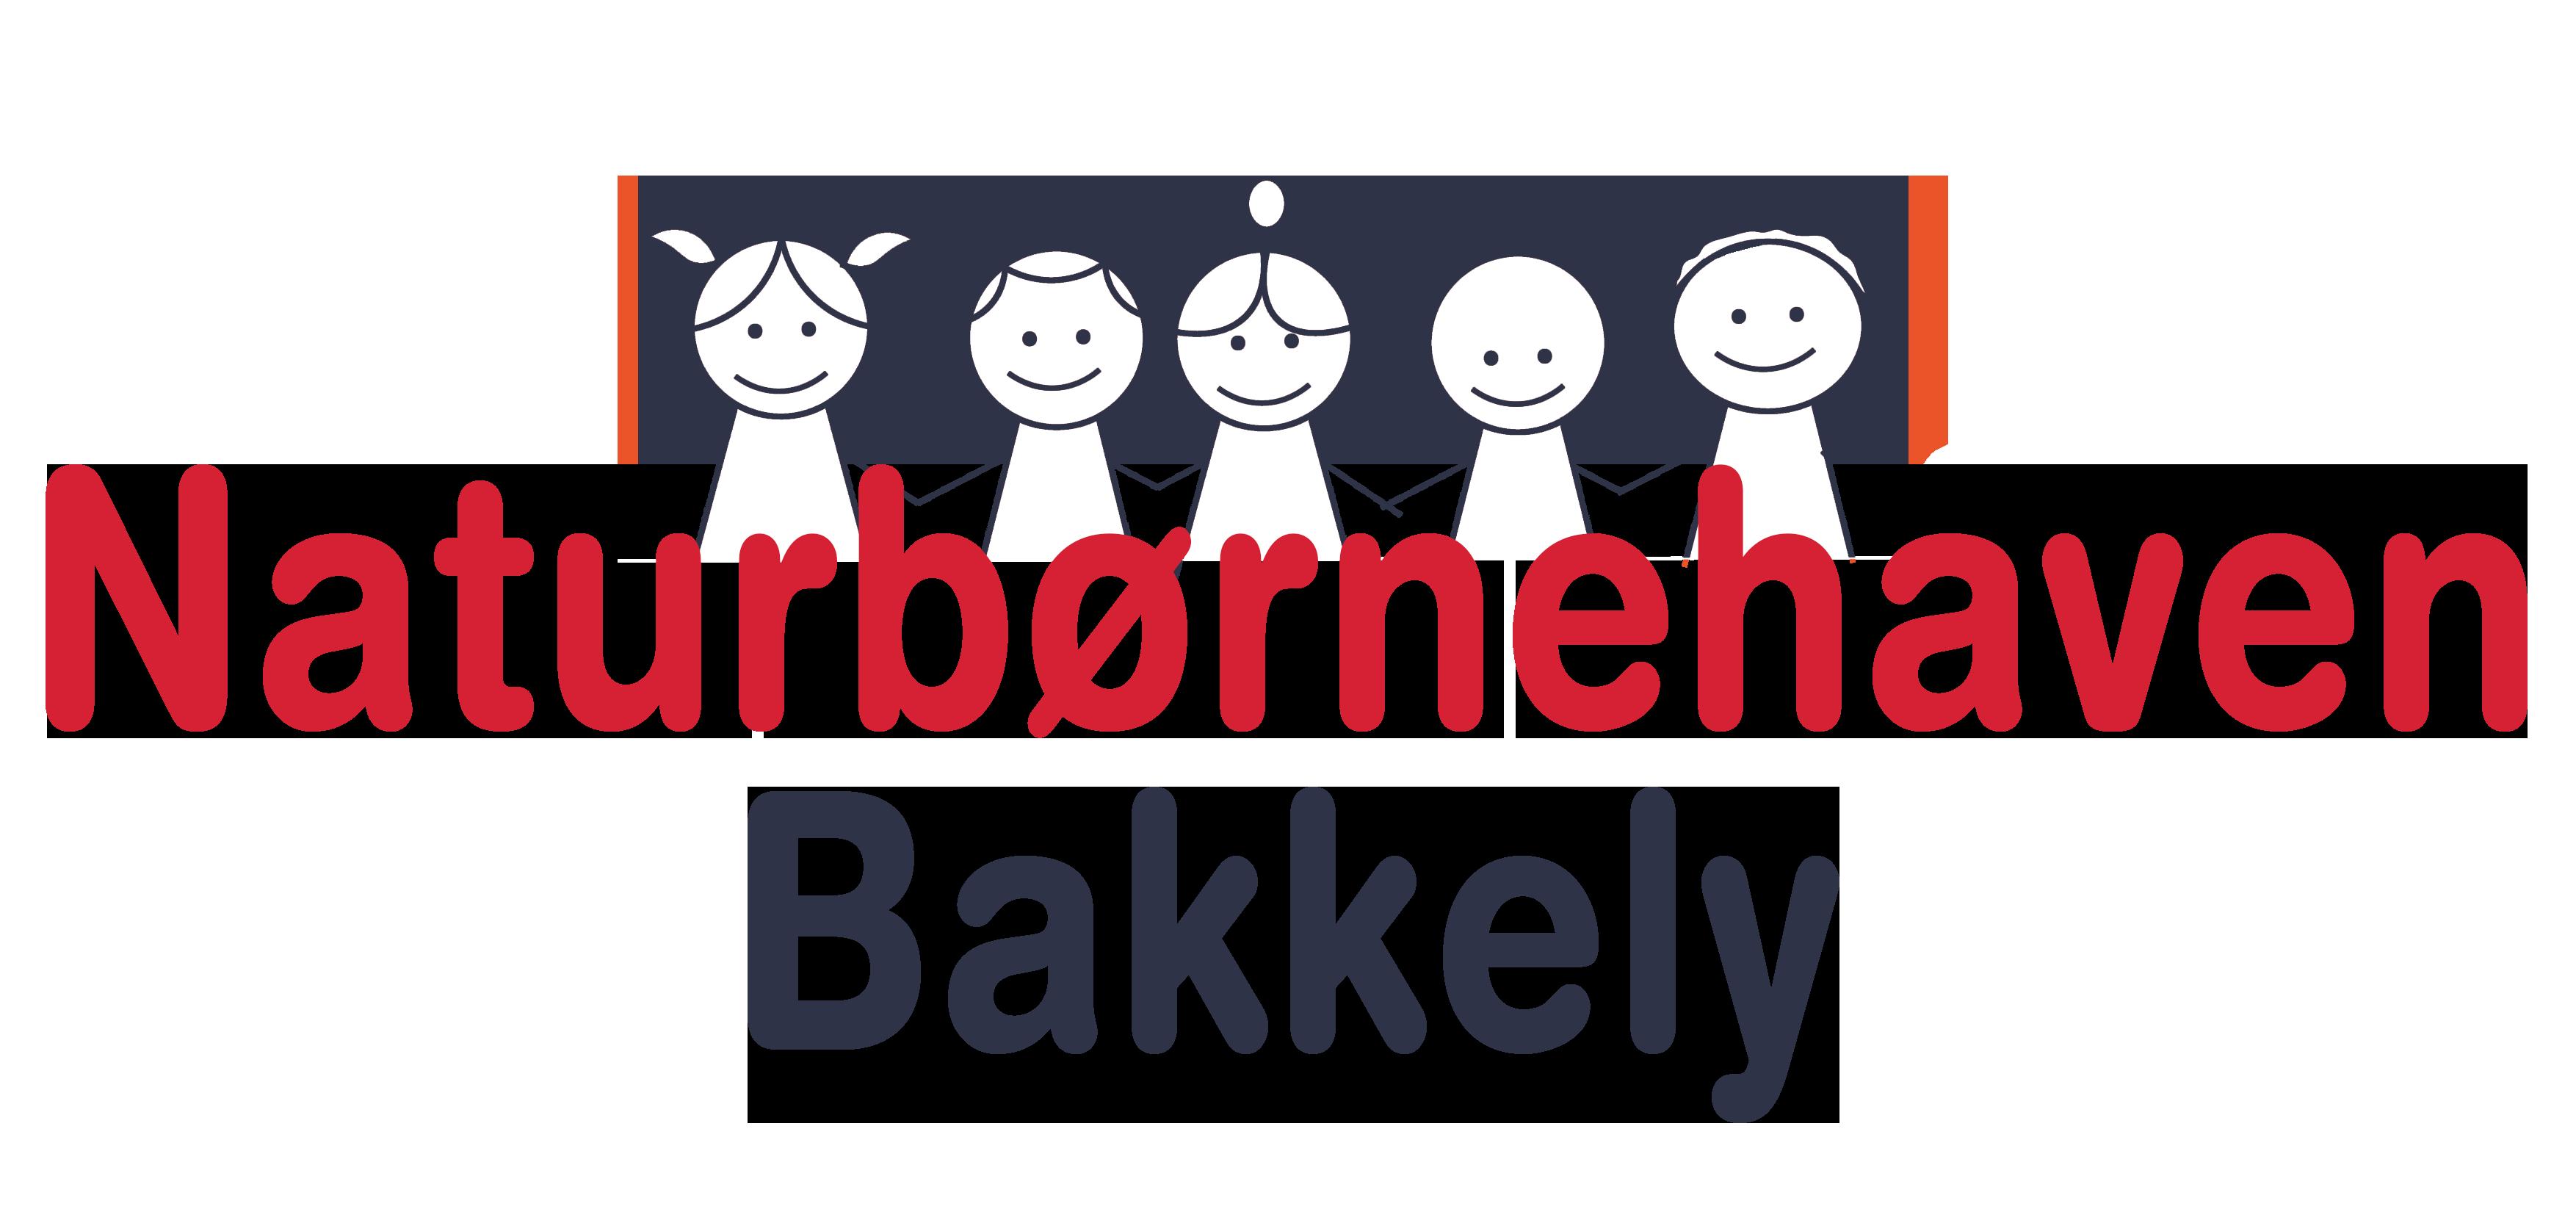 Naturbørnehaven Bakkely Logo